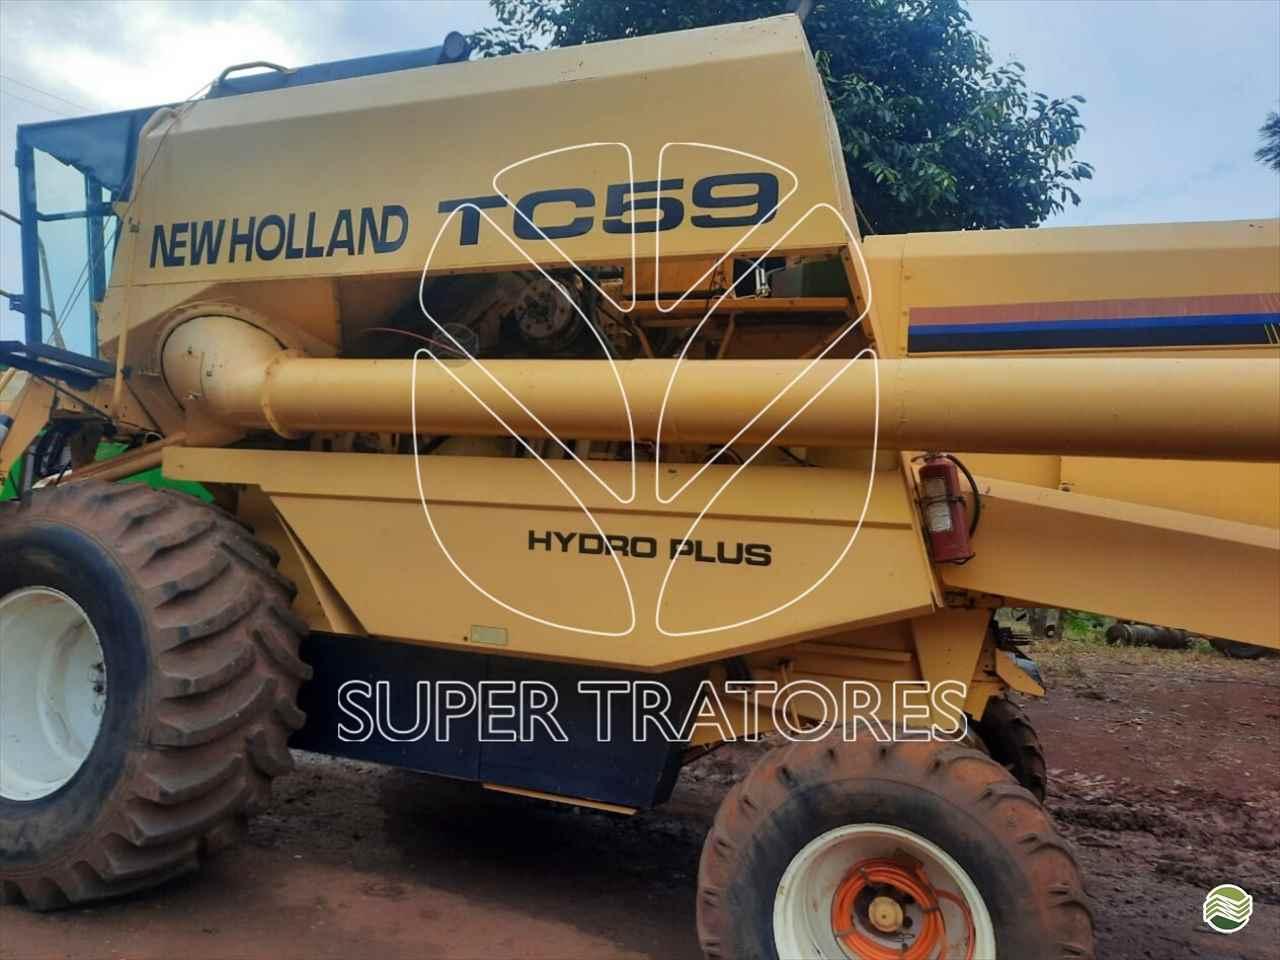 TC 59 de Super Tratores - New Holland - Matriz - SANTA MARIA/RS